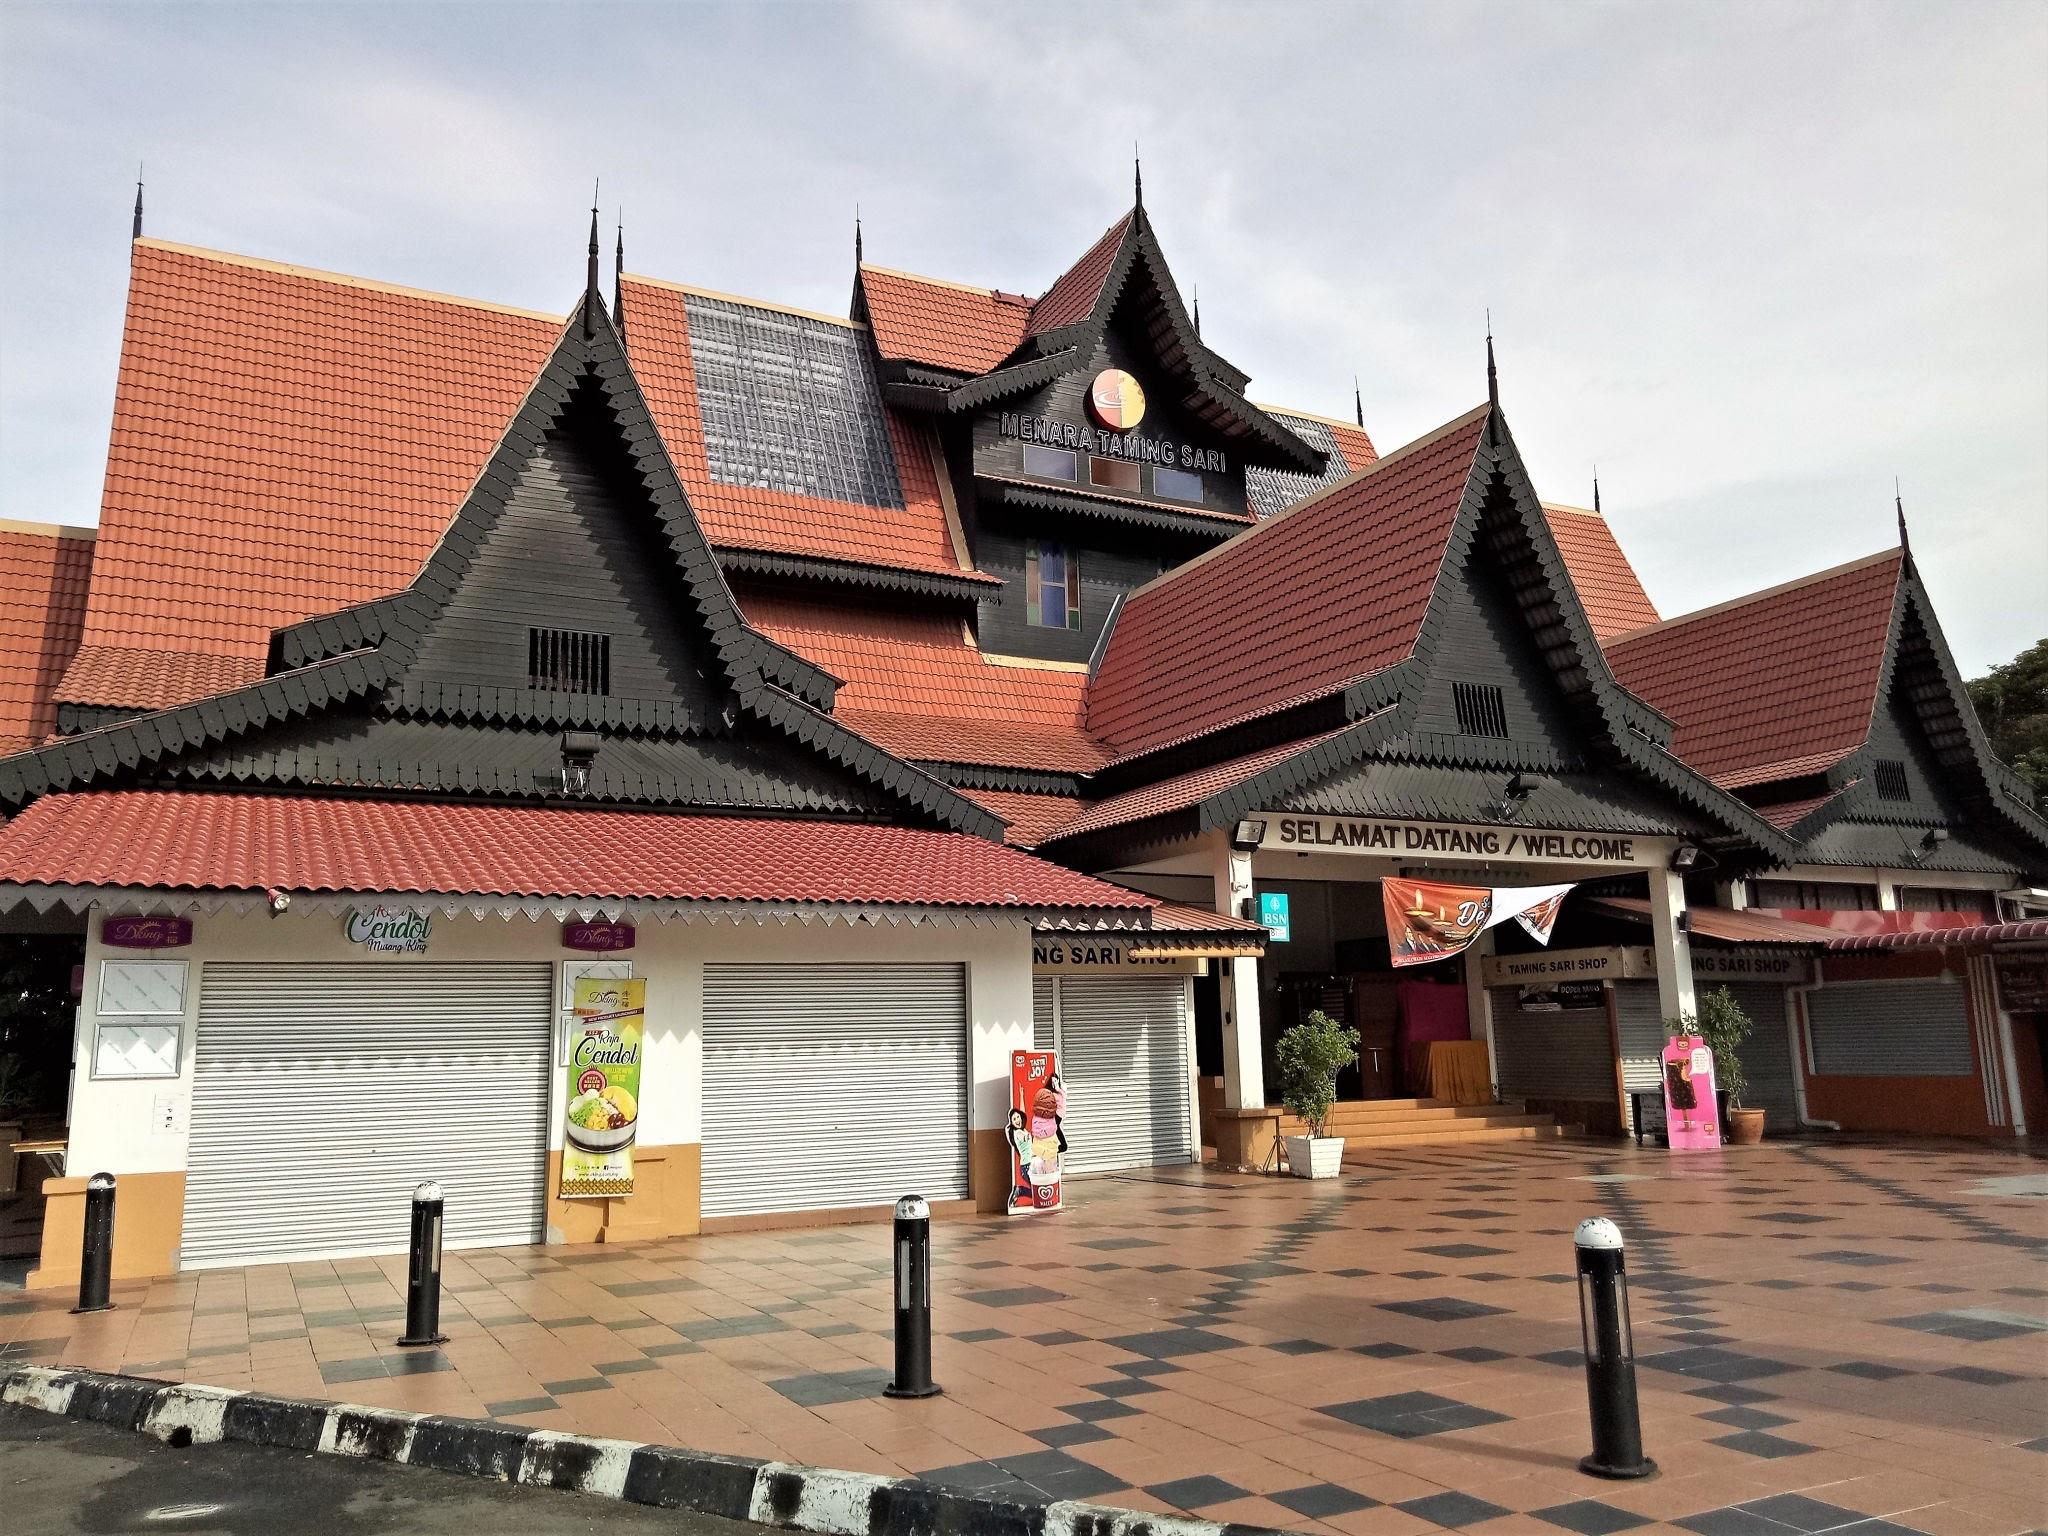 Menara Taming Sari, Bandar Hilir, Malacca